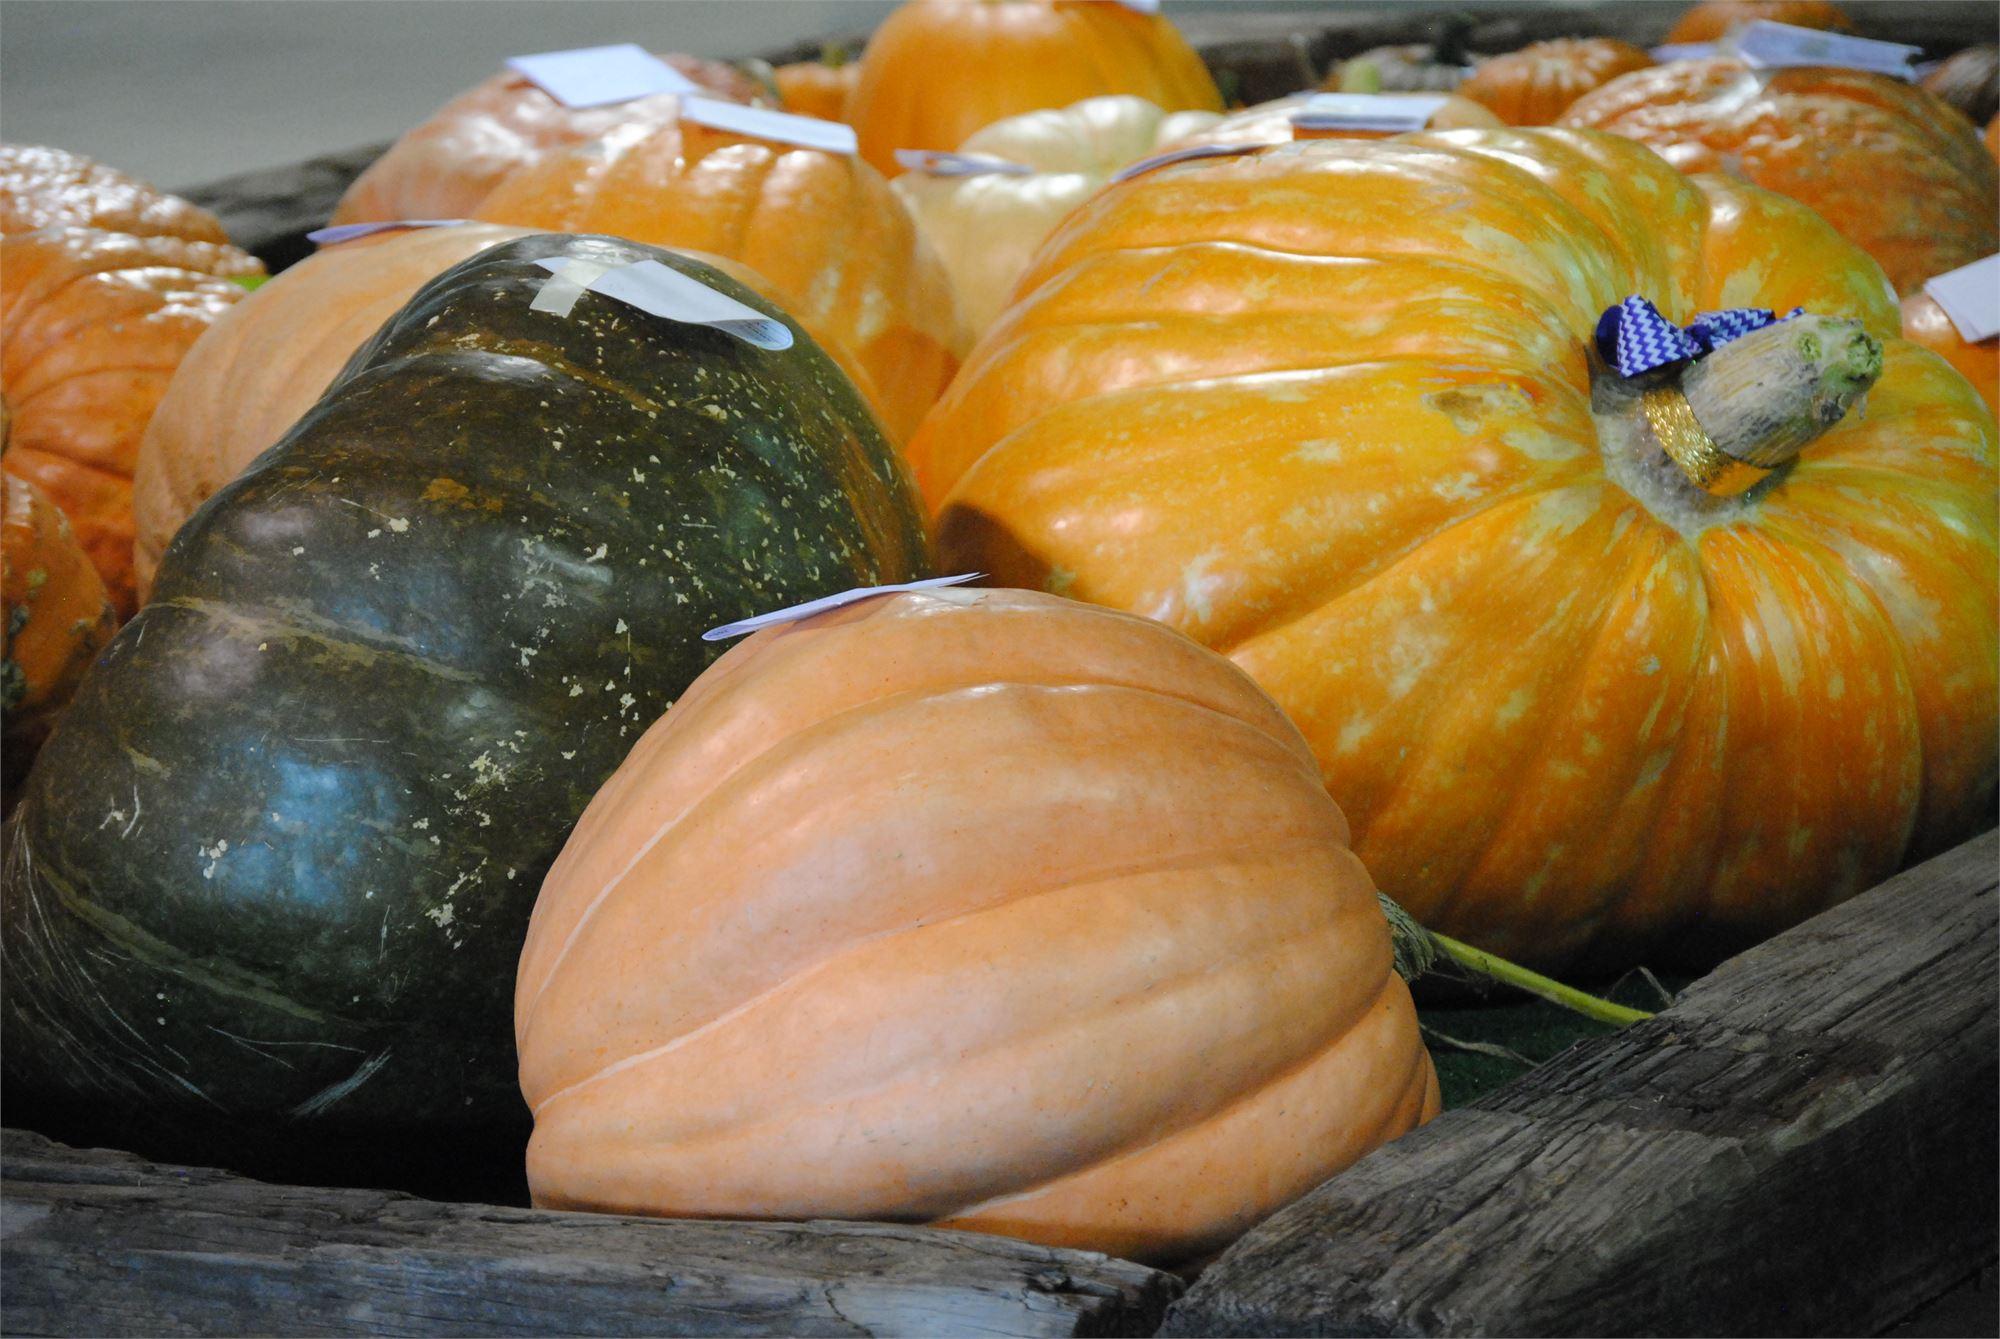 big gourds, pumpkins, orange, green